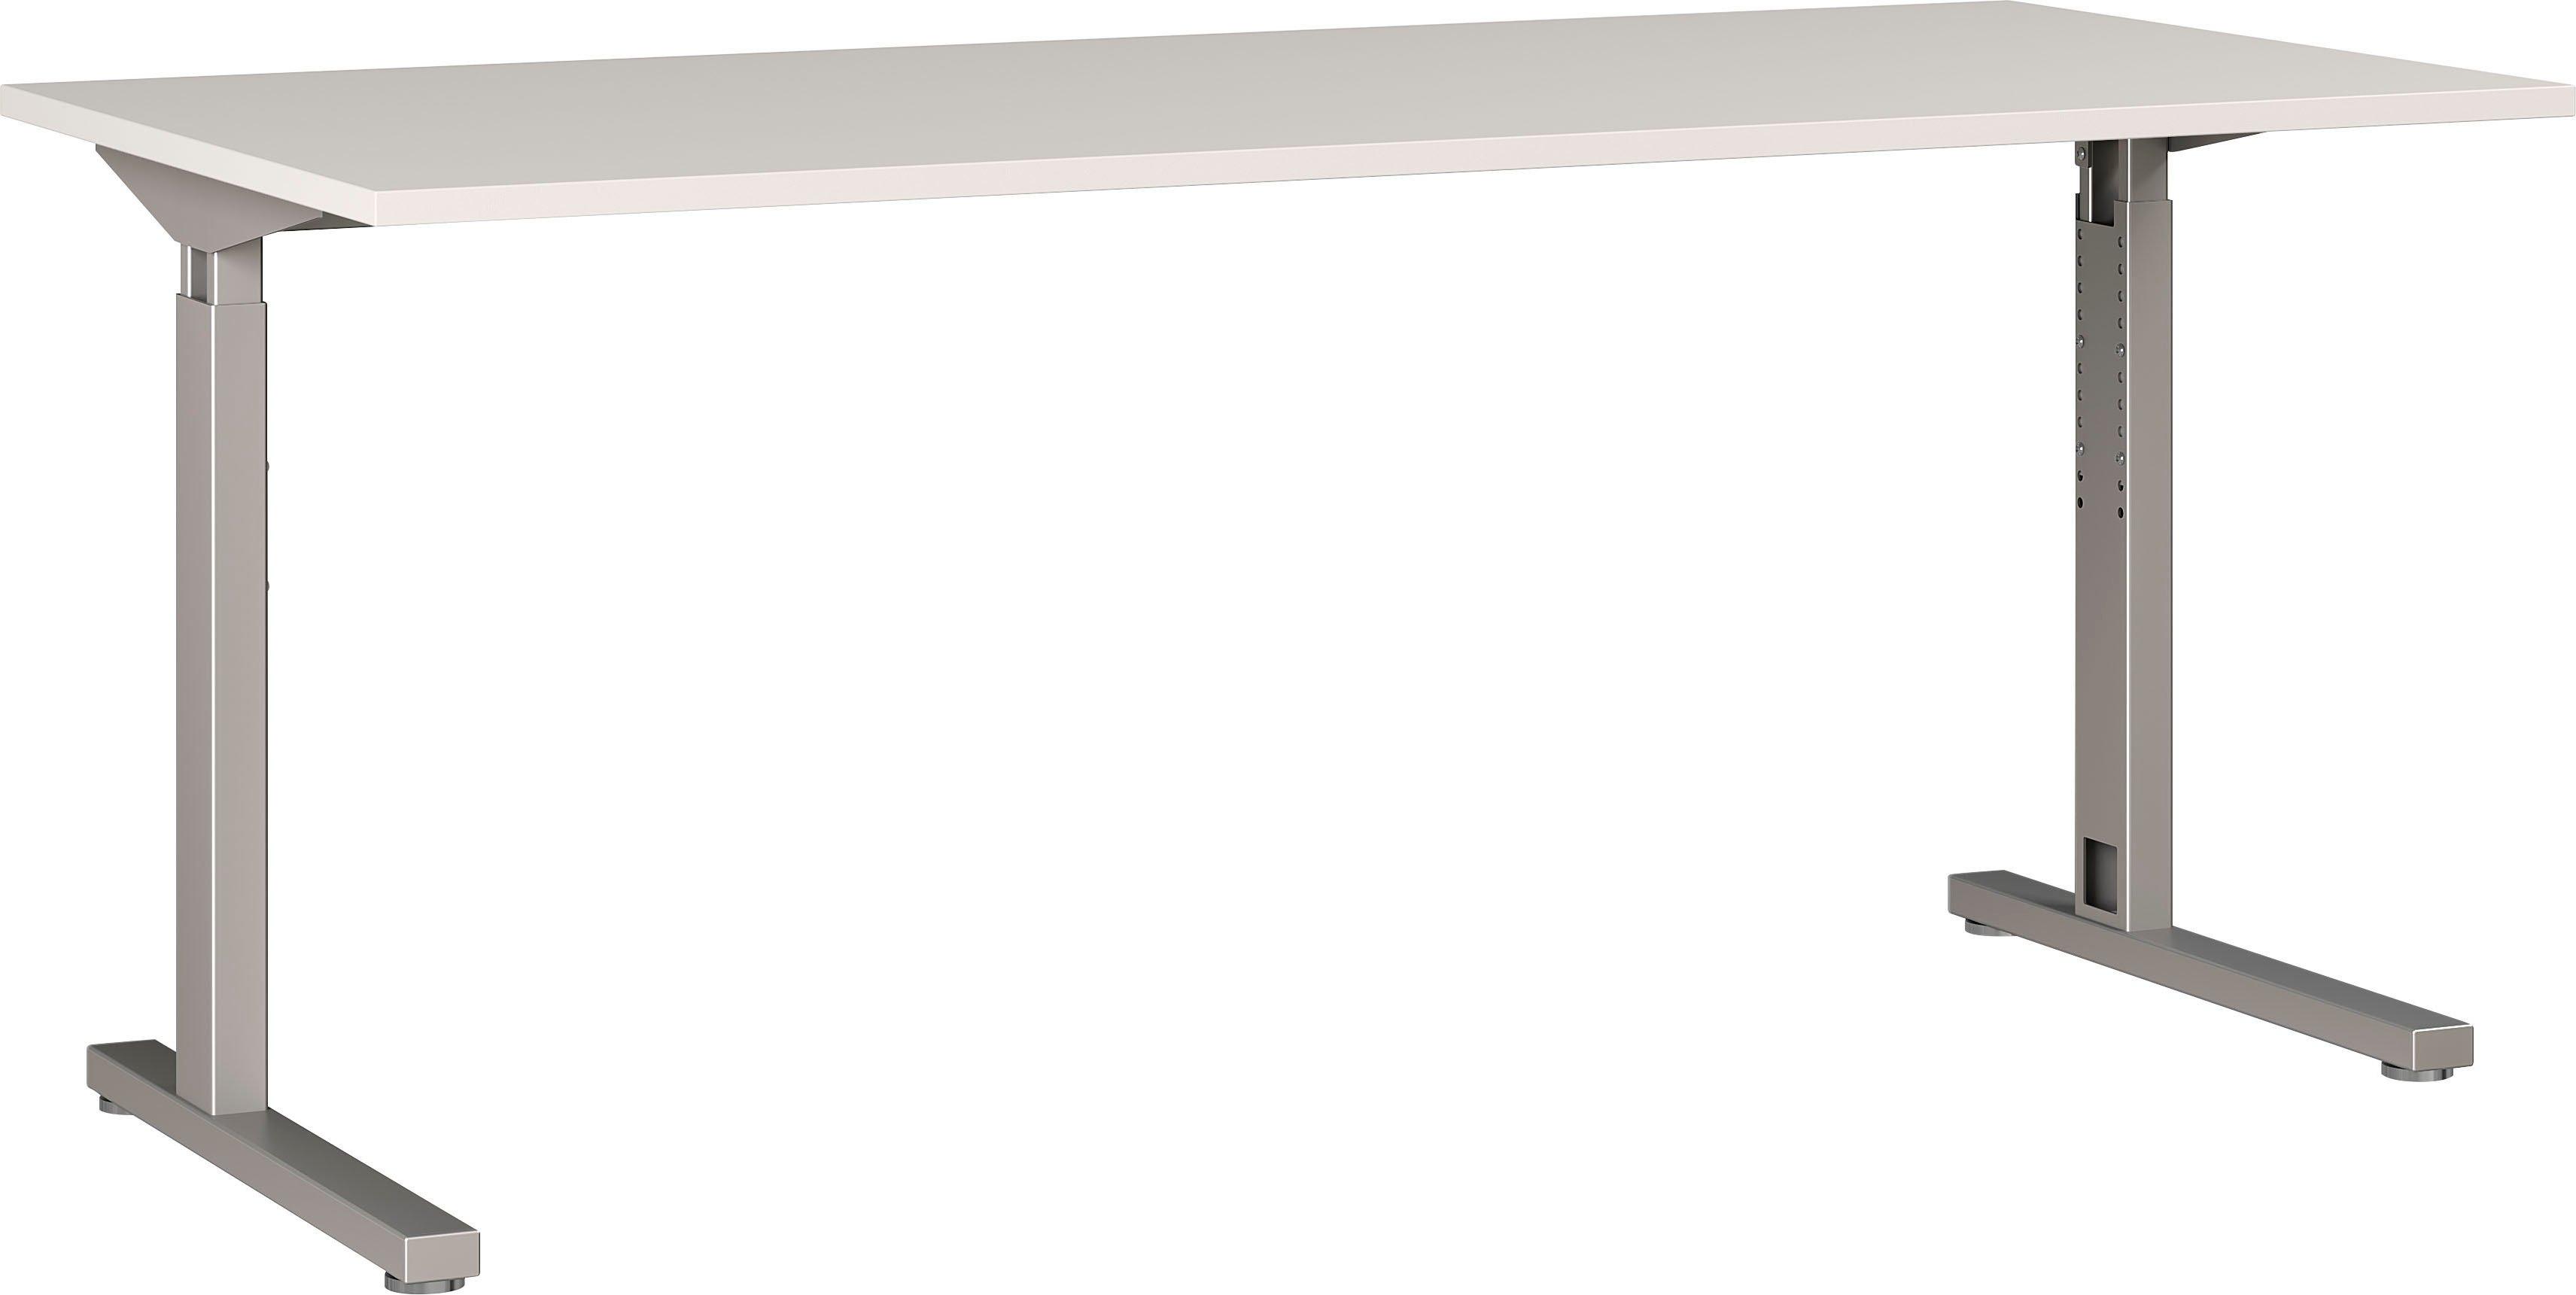 GERMANIA bureau Professional 2.0 in hoogte verstelbaar, breedte 180 cm nu online kopen bij OTTO